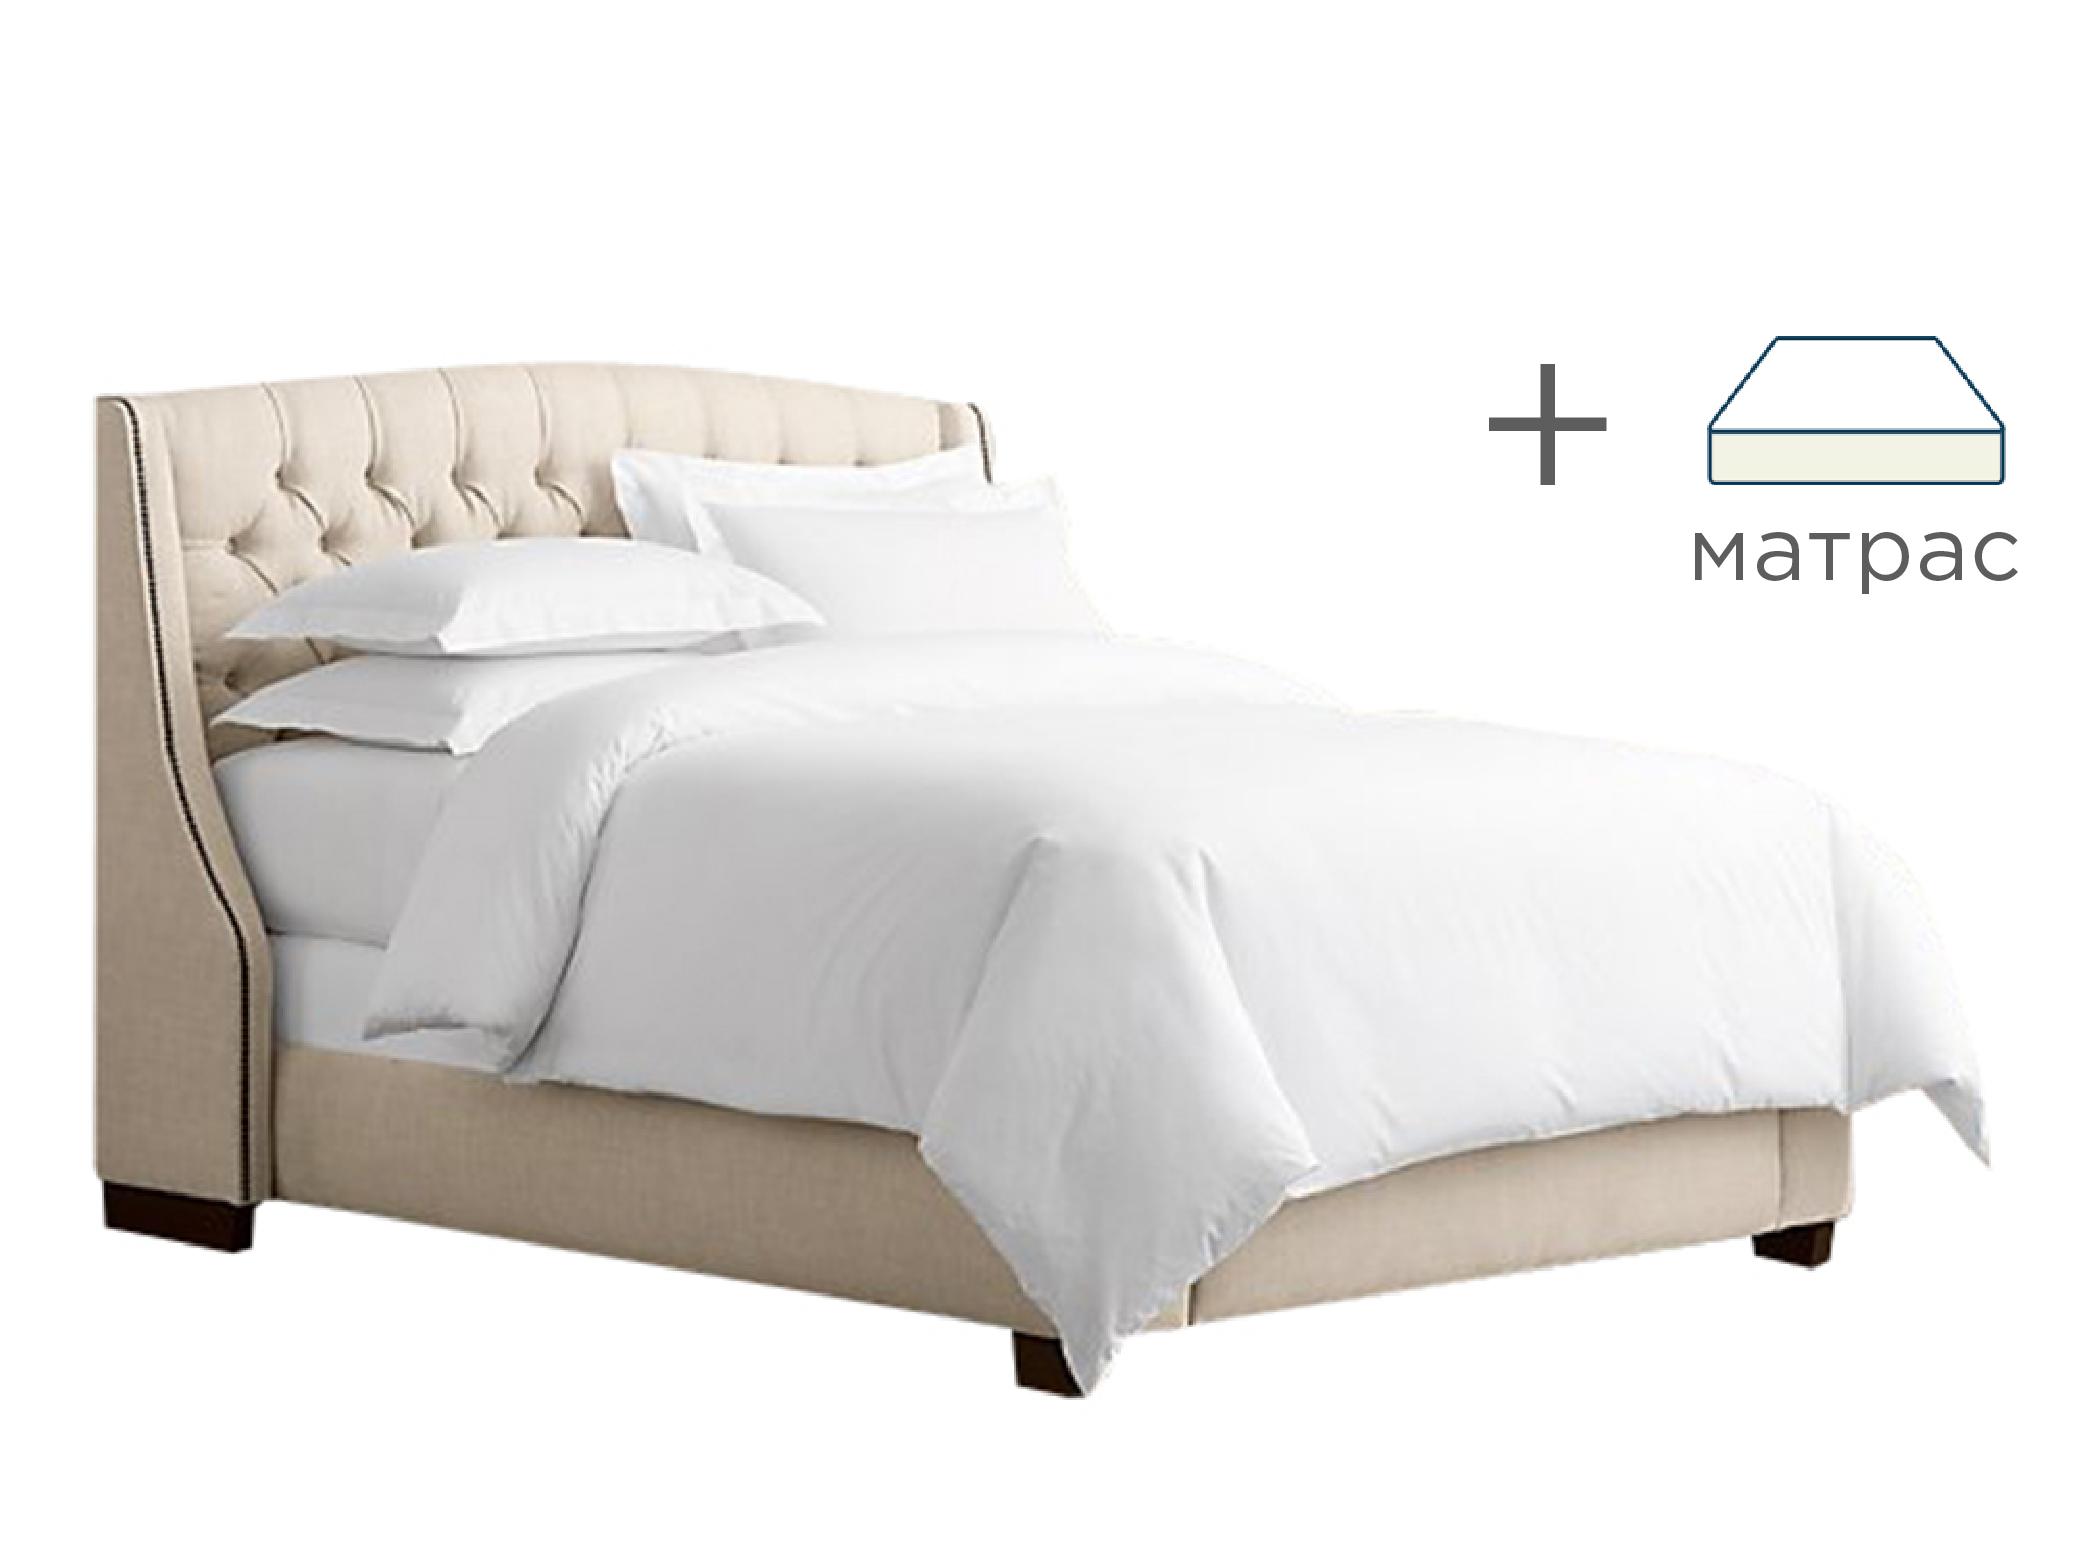 Кровать Hugo c матрасомКровати + матрасы<br>&amp;lt;b&amp;gt;Выгодная скидка при покупке комплекта!&amp;lt;/b&amp;gt;&amp;lt;br&amp;gt;Кровать в классическом американском стиле вместе с ортопедическим матрасом&amp;amp;nbsp;&amp;quot;Askona Terapia Orient&amp;quot;&amp;lt;br&amp;gt;&amp;lt;br&amp;gt;&amp;lt;b&amp;gt;Характеристики кровати:&amp;lt;/b&amp;gt;&amp;lt;br&amp;gt;Размер спального места: 160*200&amp;lt;br&amp;gt;Материалы: бук, текстиль&amp;lt;br&amp;gt;Варианты исполнения: более 200 цветов&amp;lt;br&amp;gt;&amp;lt;br&amp;gt;&amp;lt;b&amp;gt;Характеристики матраса:&amp;lt;/b&amp;gt;&amp;lt;br&amp;gt;&amp;lt;div&amp;gt;Комфортный трикотаж с антибактериальной пропиткой с ионами Ag+.&amp;lt;/div&amp;gt;&amp;lt;div&amp;gt;Латекс.&amp;lt;/div&amp;gt;&amp;lt;div&amp;gt;Кокосовая плита.&amp;lt;/div&amp;gt;&amp;lt;div&amp;gt;5-ти зональный блок независимых пружин «Песочные часы Extra».&amp;lt;/div&amp;gt;&amp;lt;div&amp;gt;Короб по периметру из пены Orto Foam.&amp;lt;/div&amp;gt;<br><br>Material: Текстиль<br>Width см: 225<br>Depth см: 182<br>Height см: 132